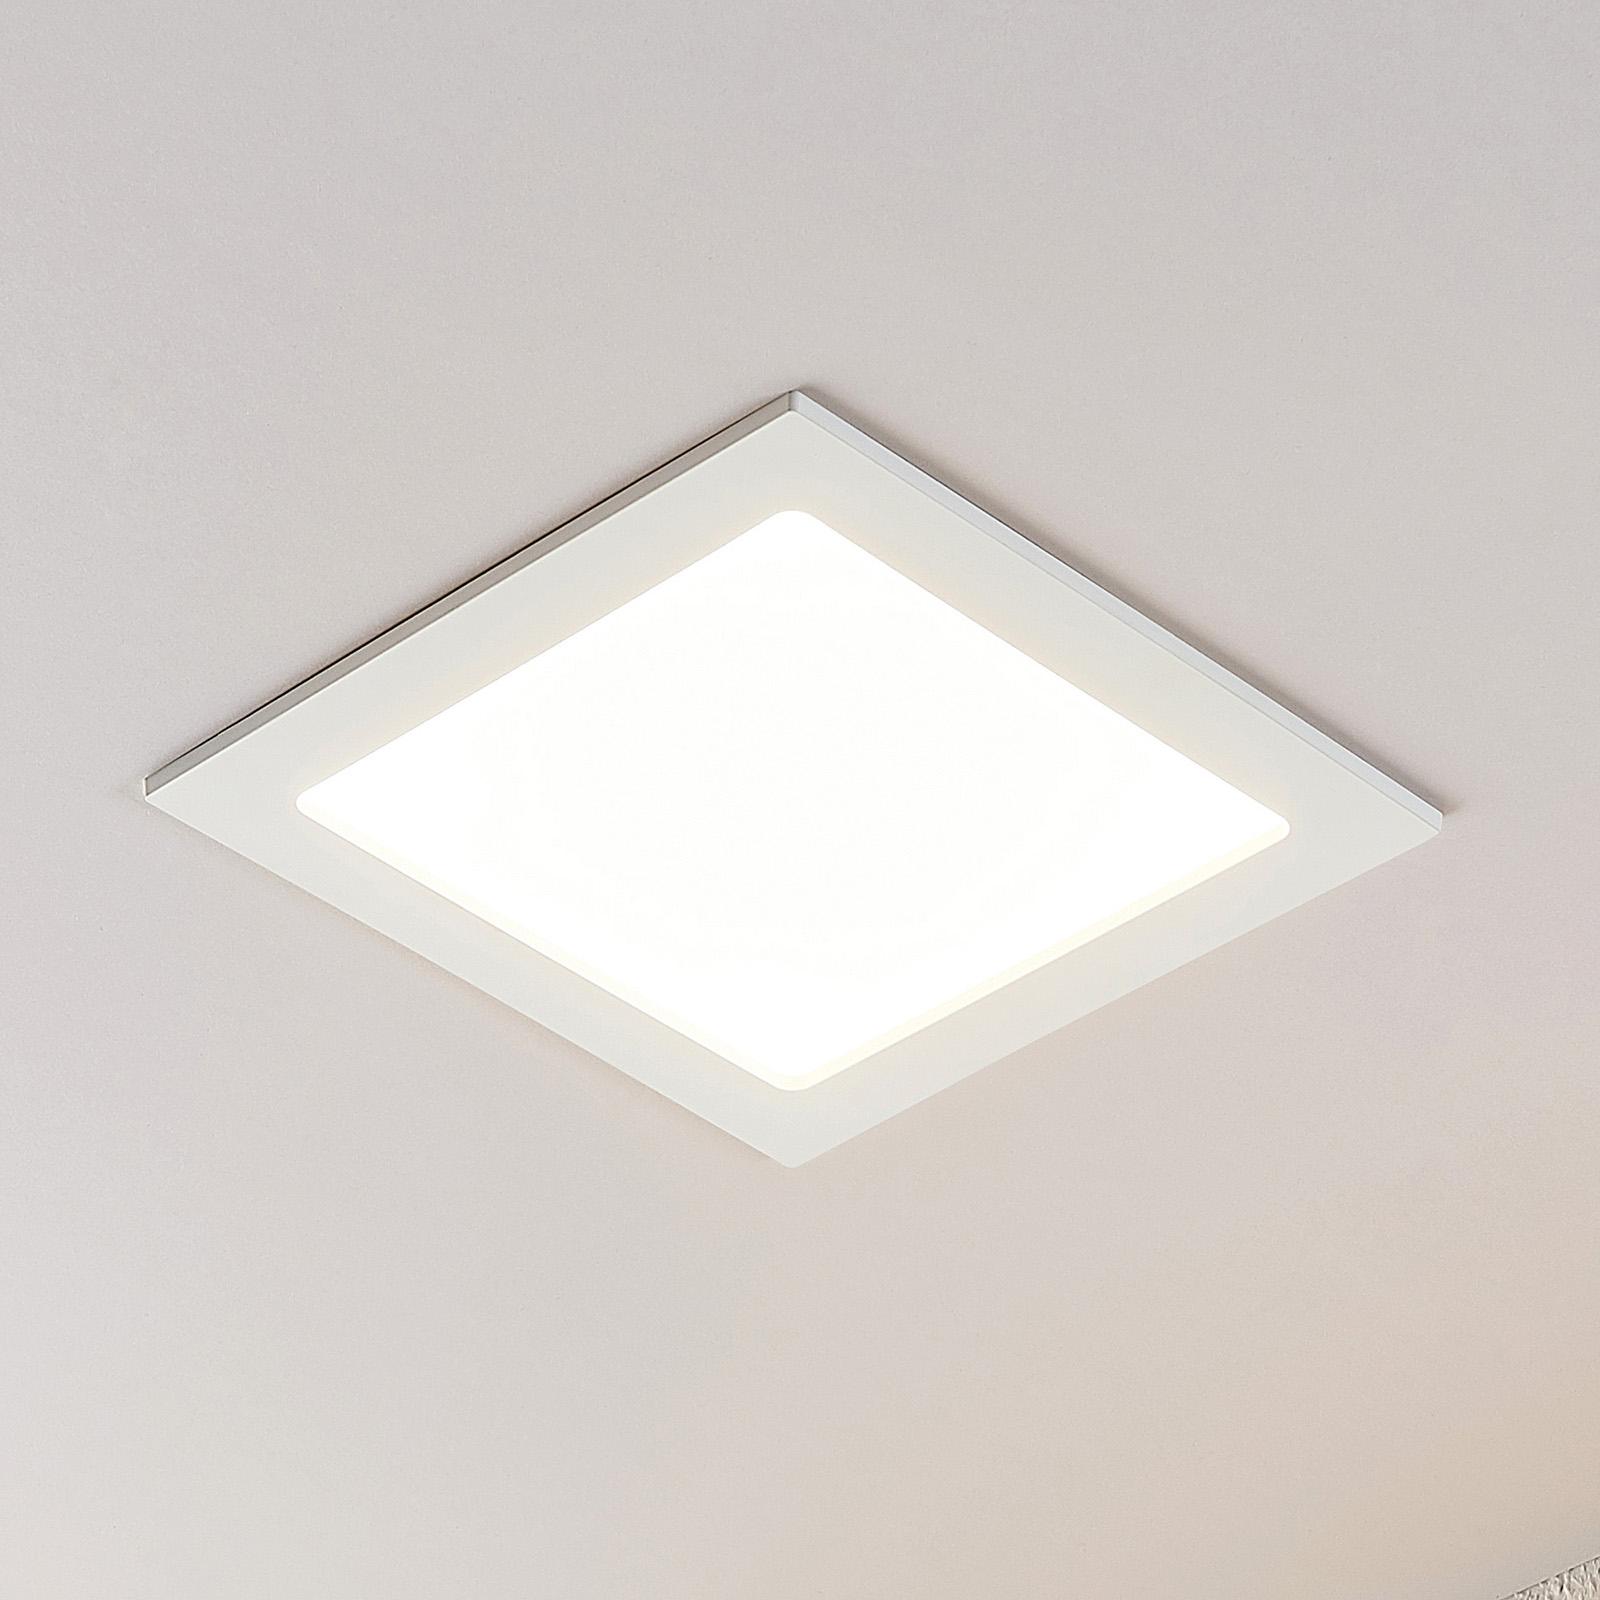 Spot LED Joki biały 3000K kątowy 24cm